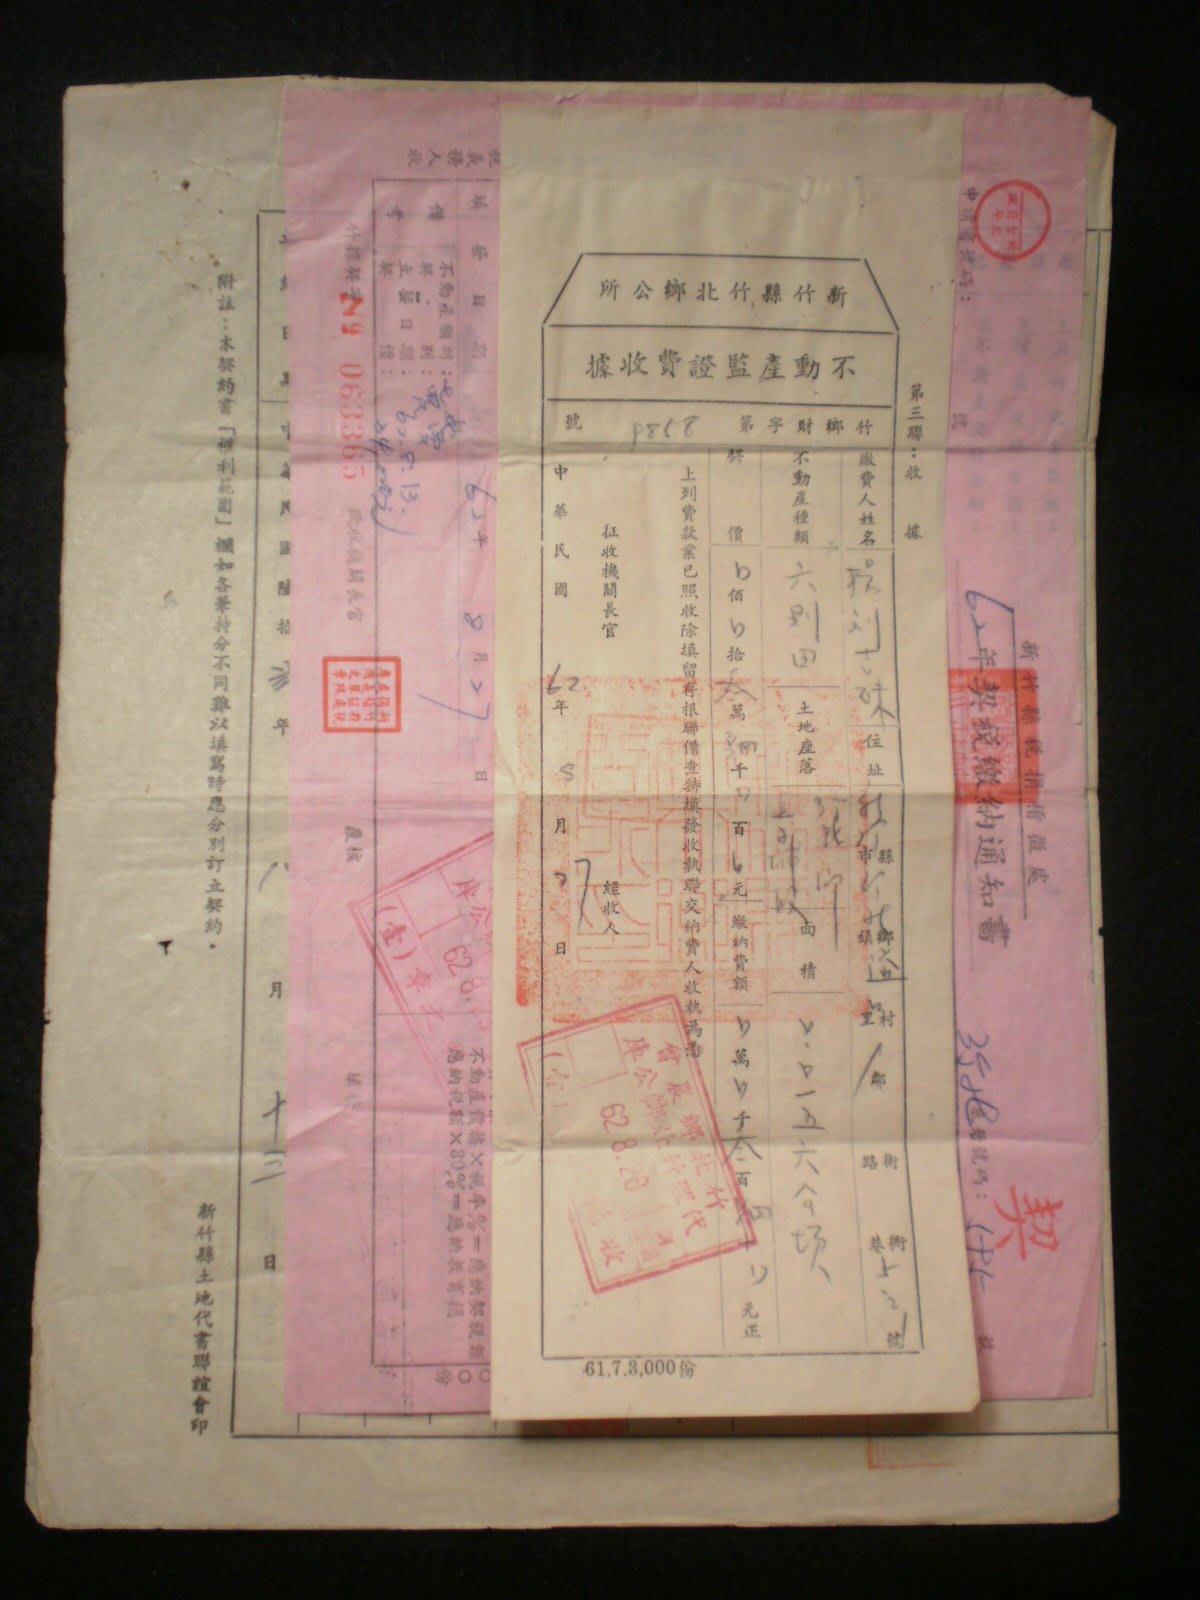 【六十二年買賣所有權移轉契約書】  庫464